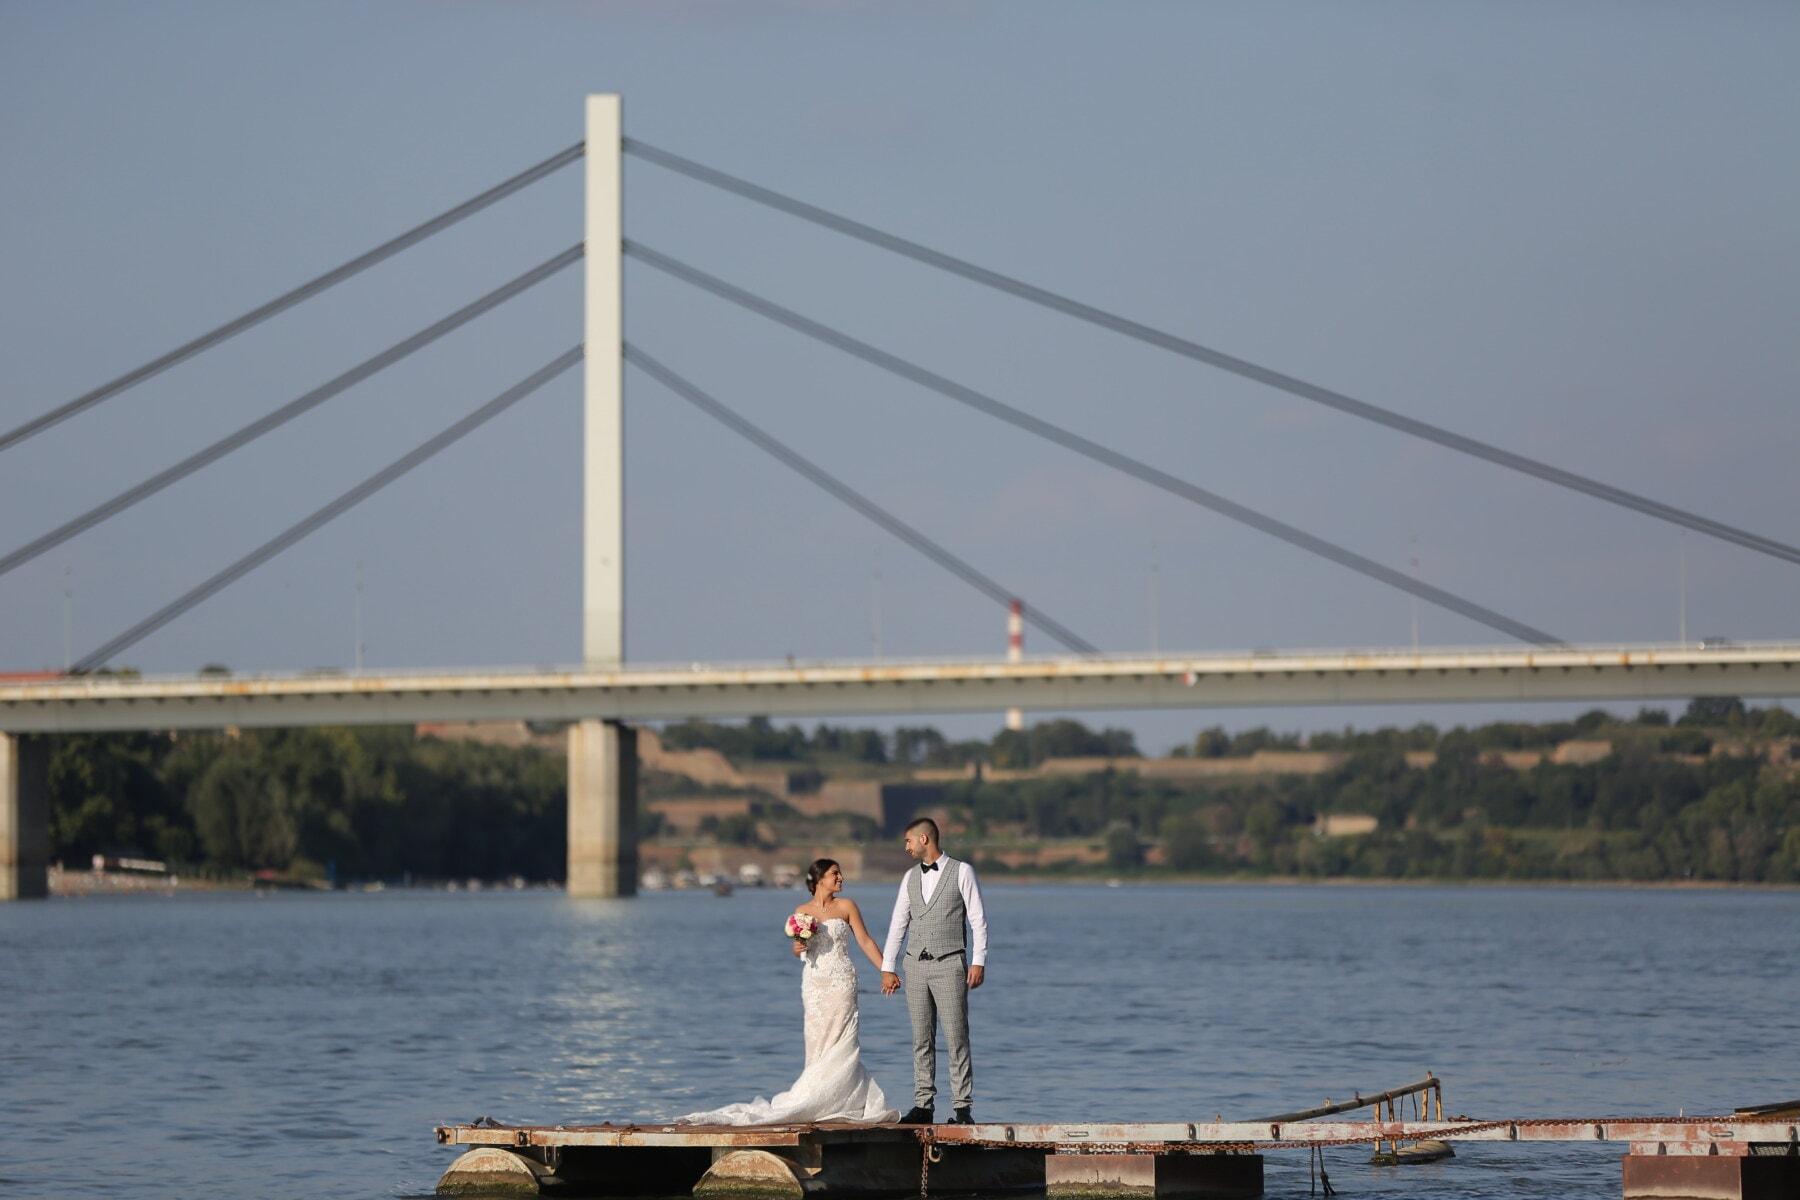 pan młody, nowożeńcy, panna młoda, port, ludzie, Most, molo, wody, urządzenia, Rzeka